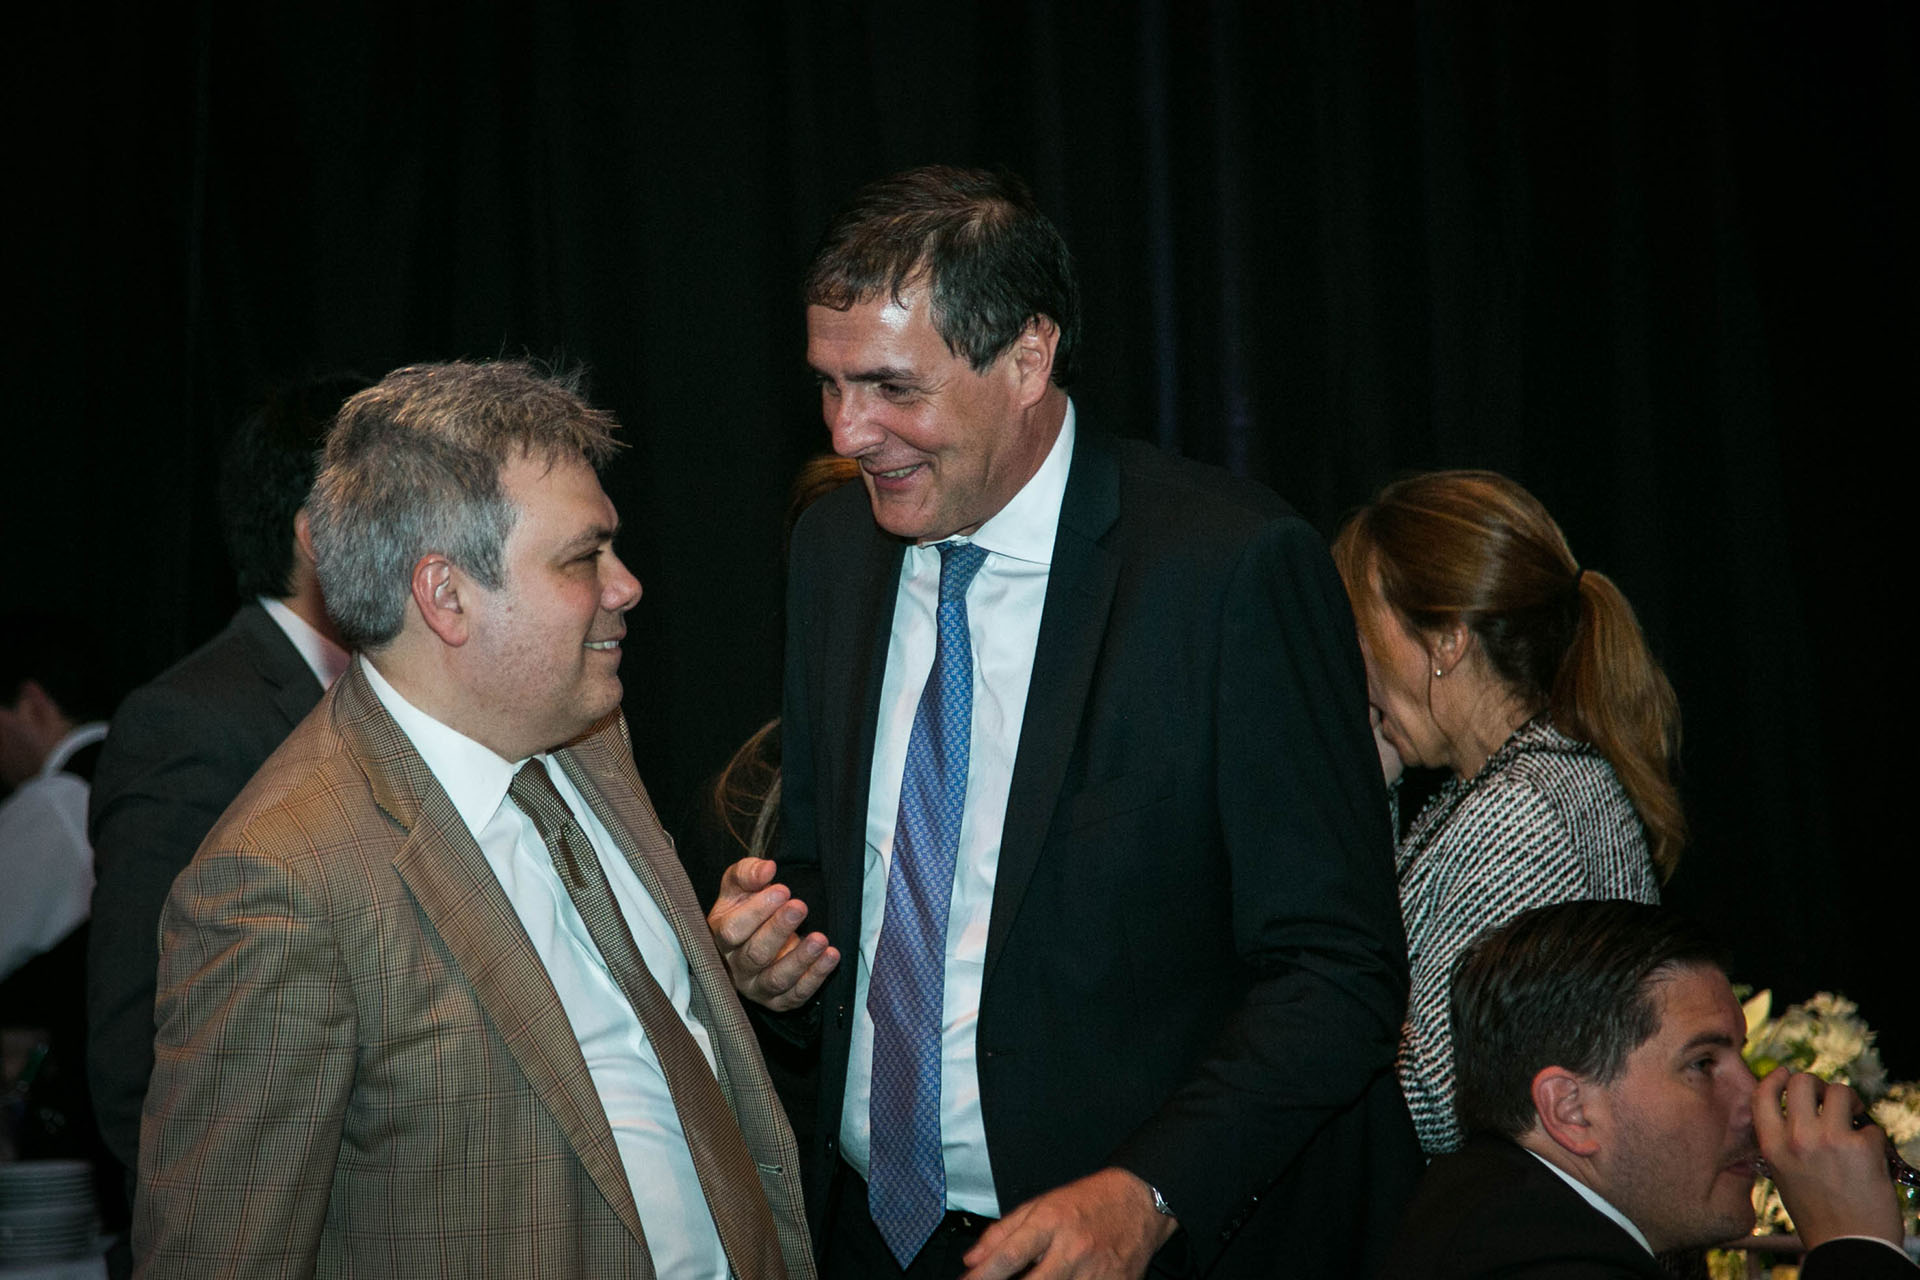 El director del Laboratorio de Investigaciones sobre Crimen, Instituciones y Políticas de la Universidad, Sebastian Galiani y Guillermo Laborda, director del diario Ámbito financiero